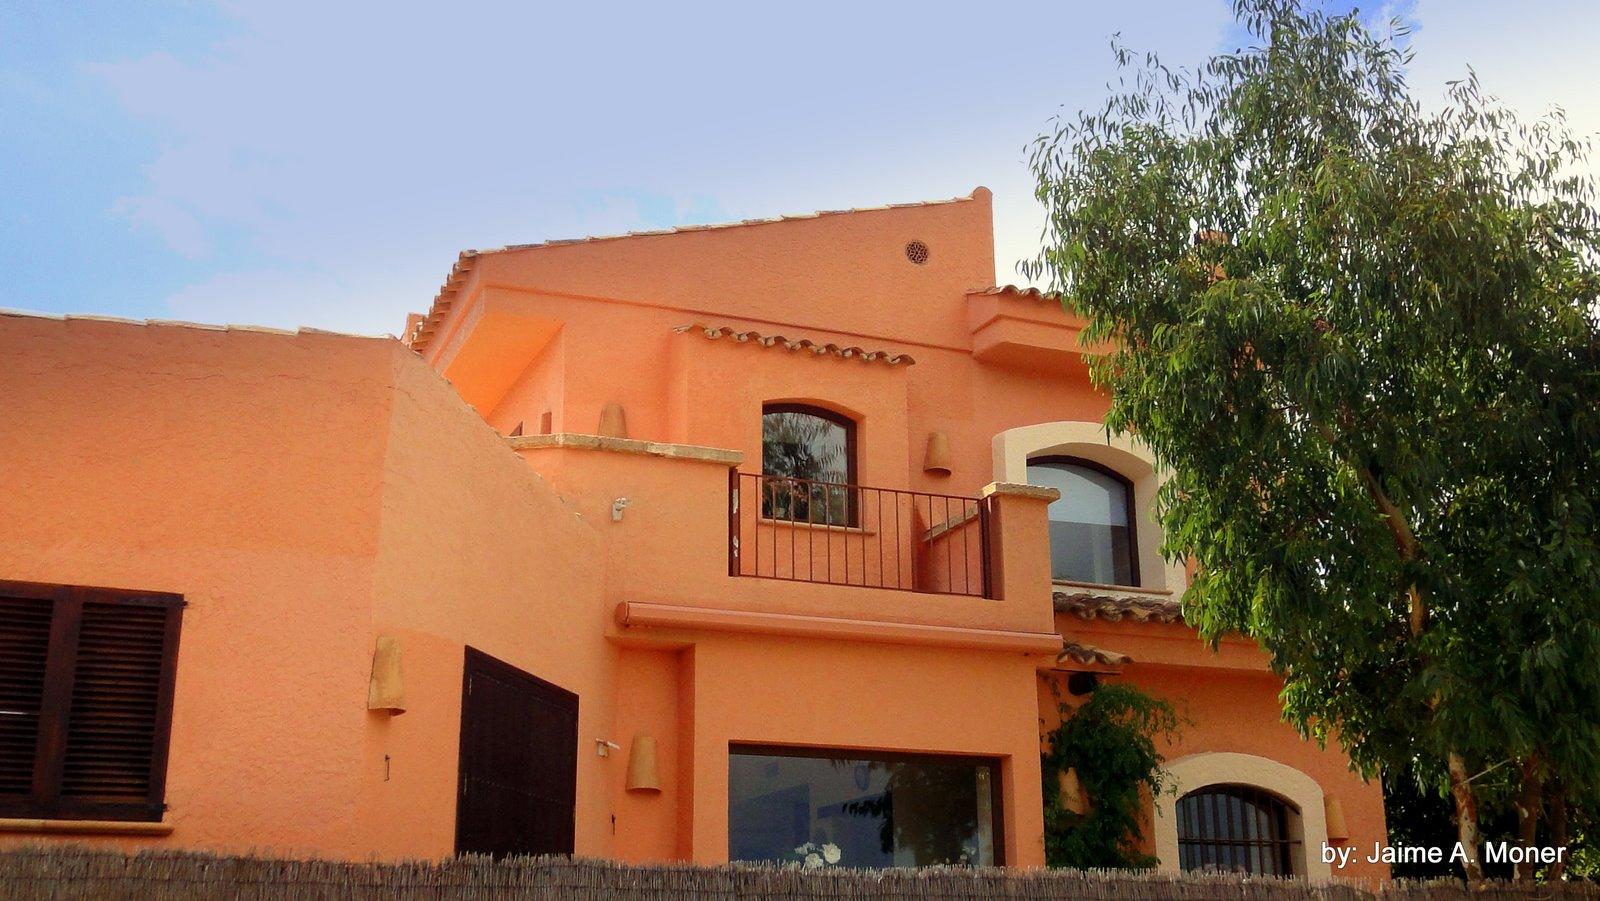 Villa martine de jaime moner detalles exteriores de la casa for Colores exteriores